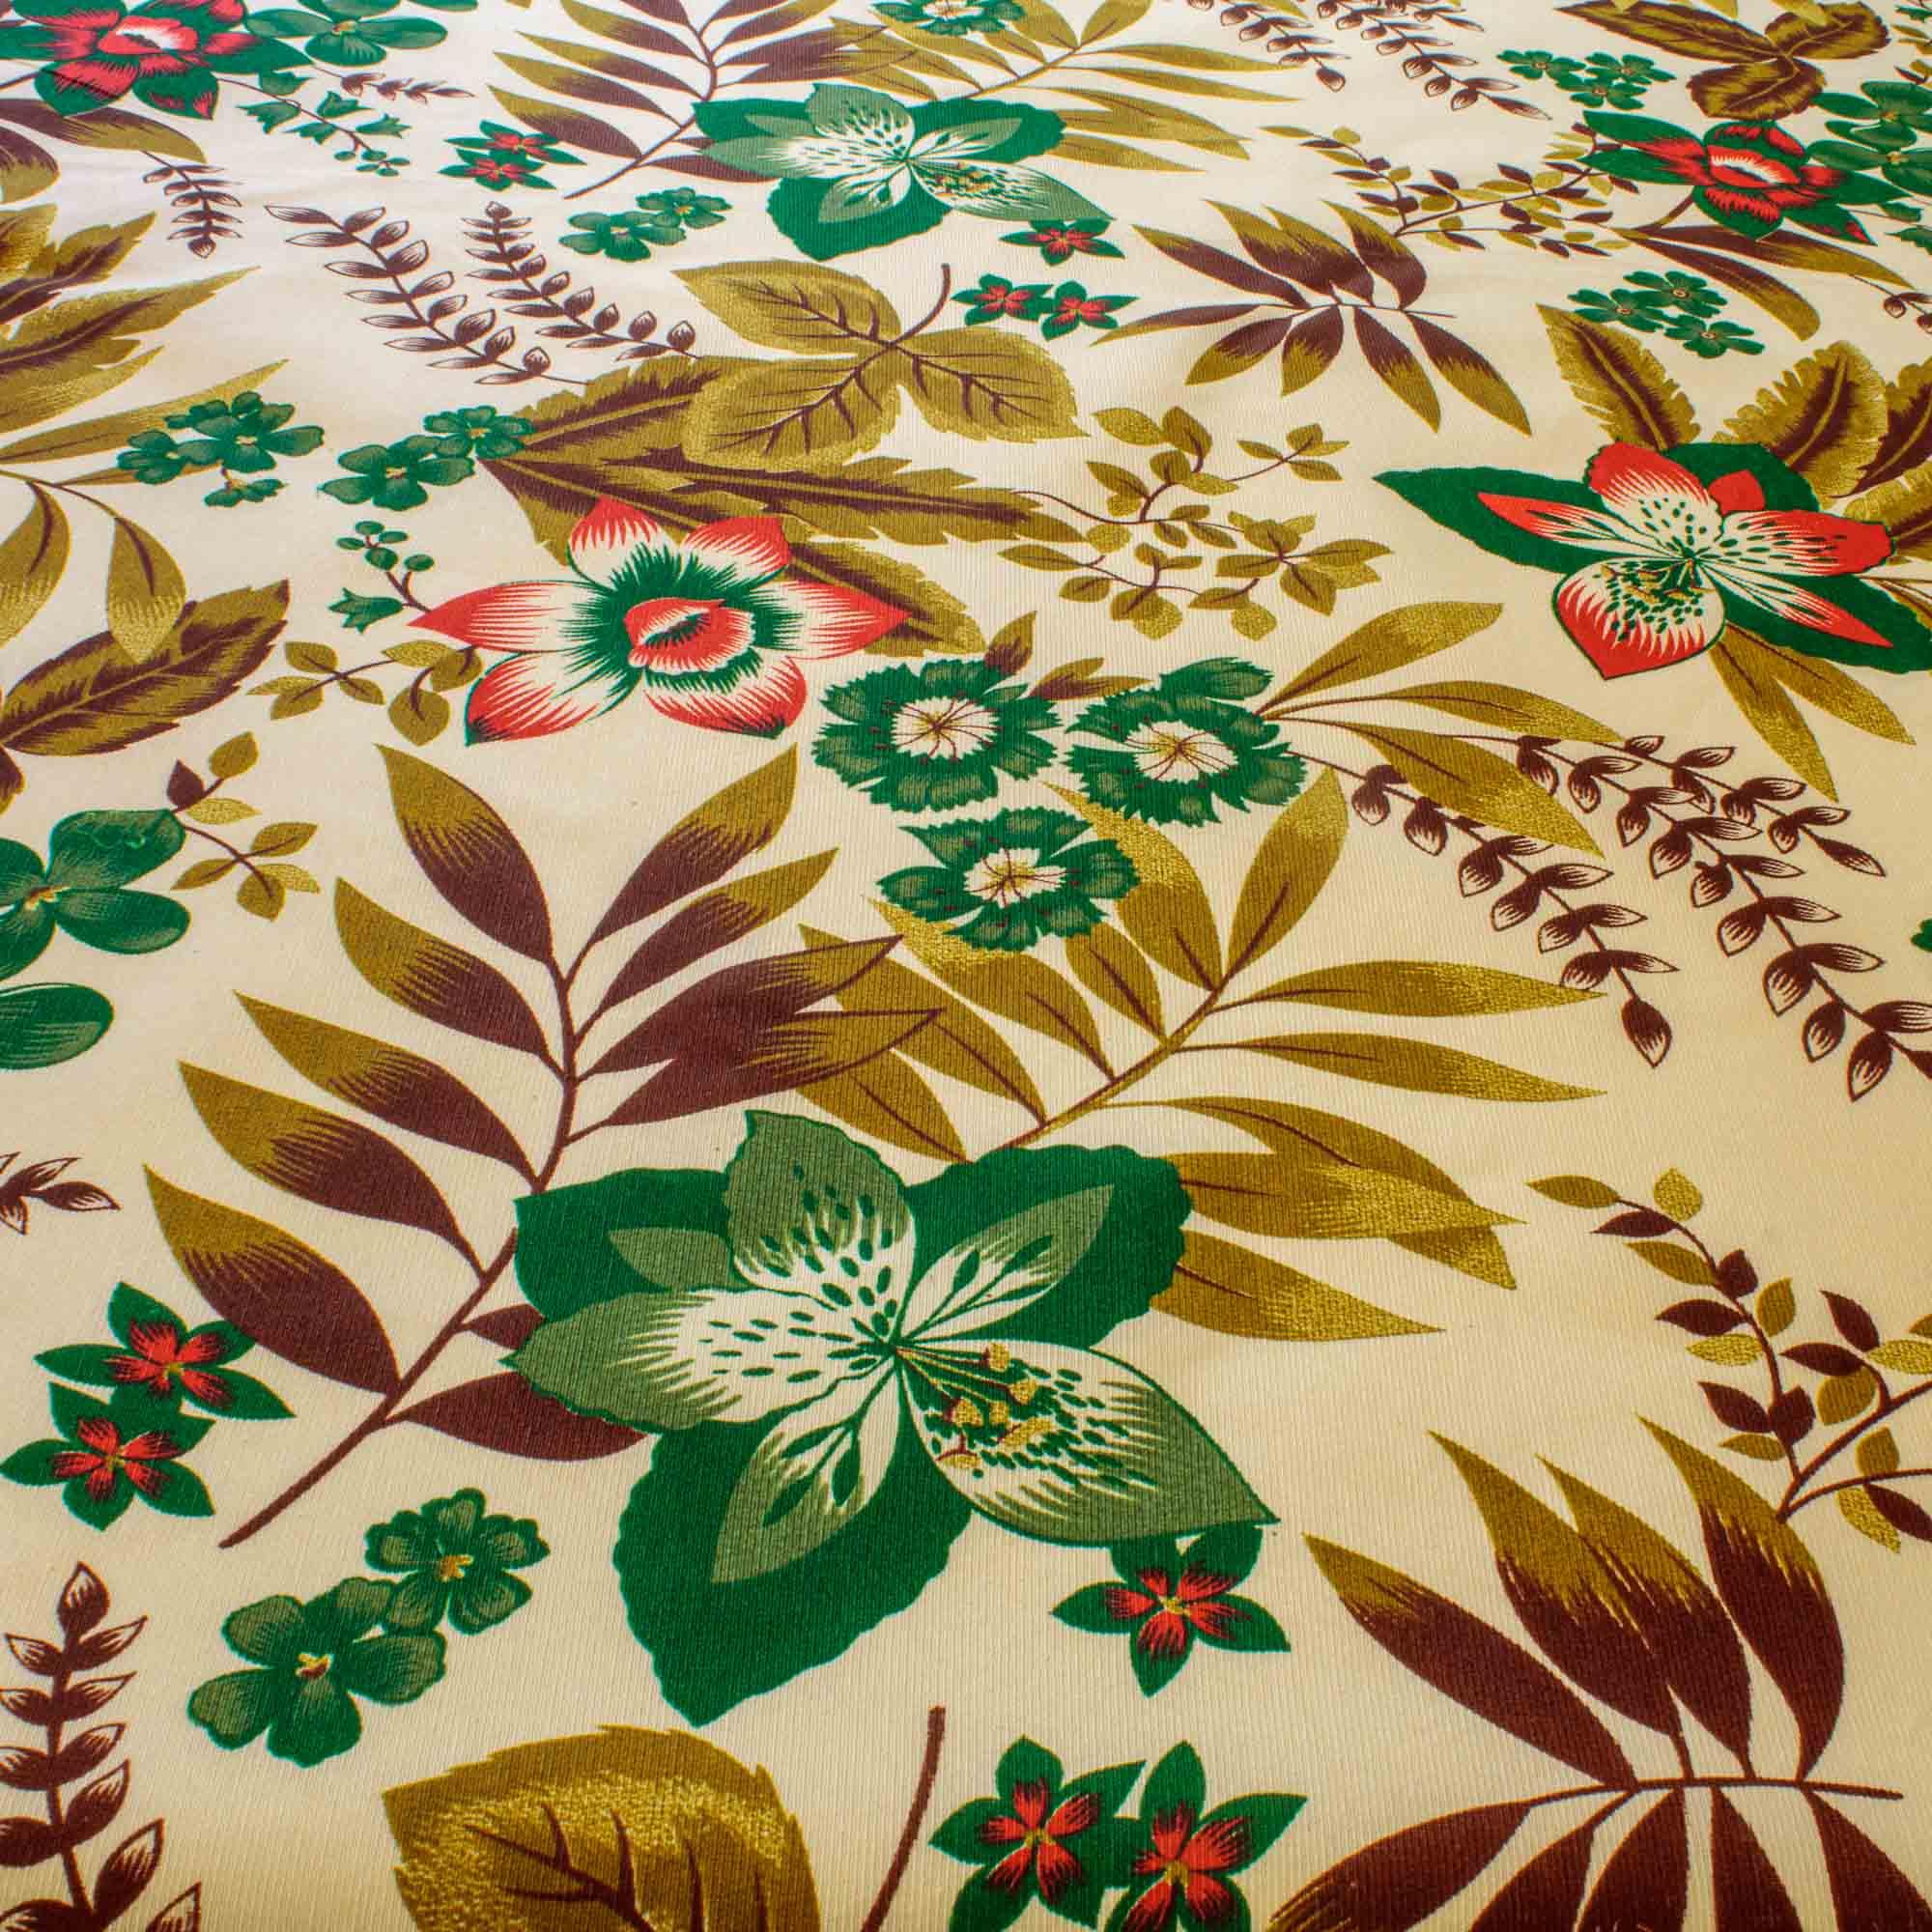 Tecido Gorgurinho Estampado Folhas 1,50 m Largura Marrom